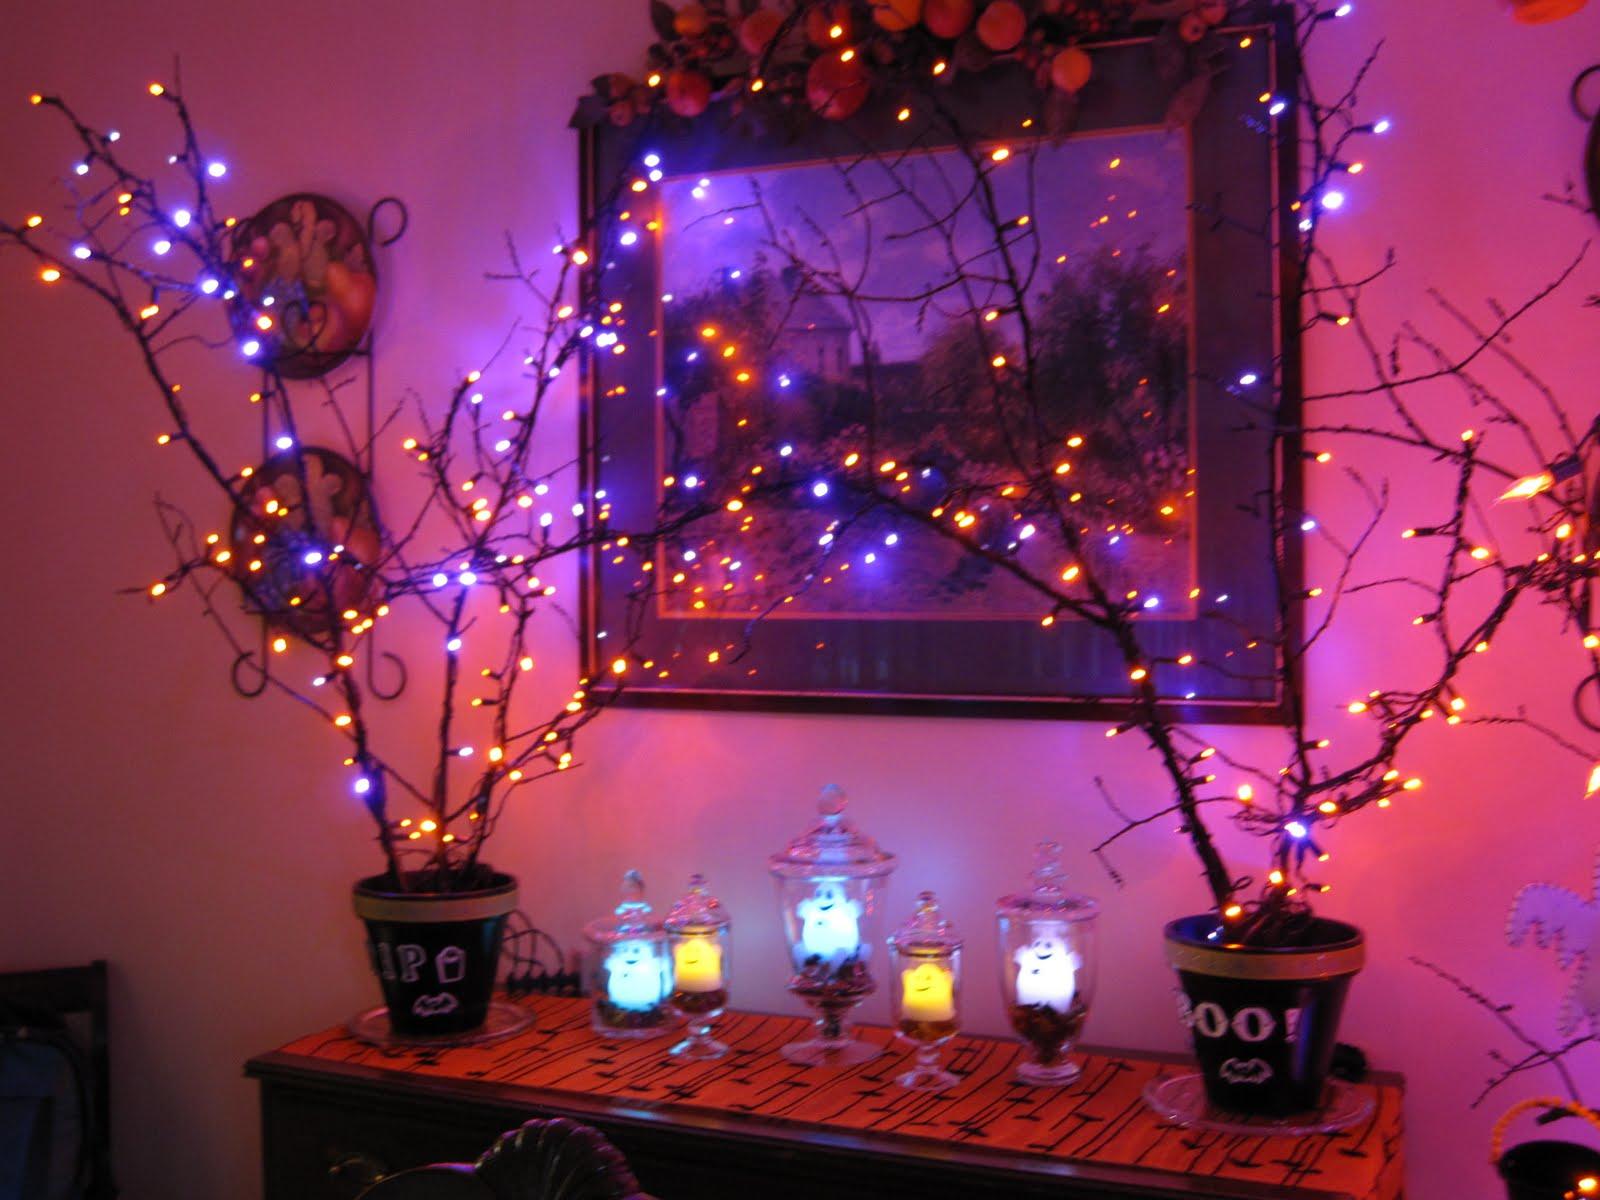 bloggin shih tzu ghostly forest. Black Bedroom Furniture Sets. Home Design Ideas